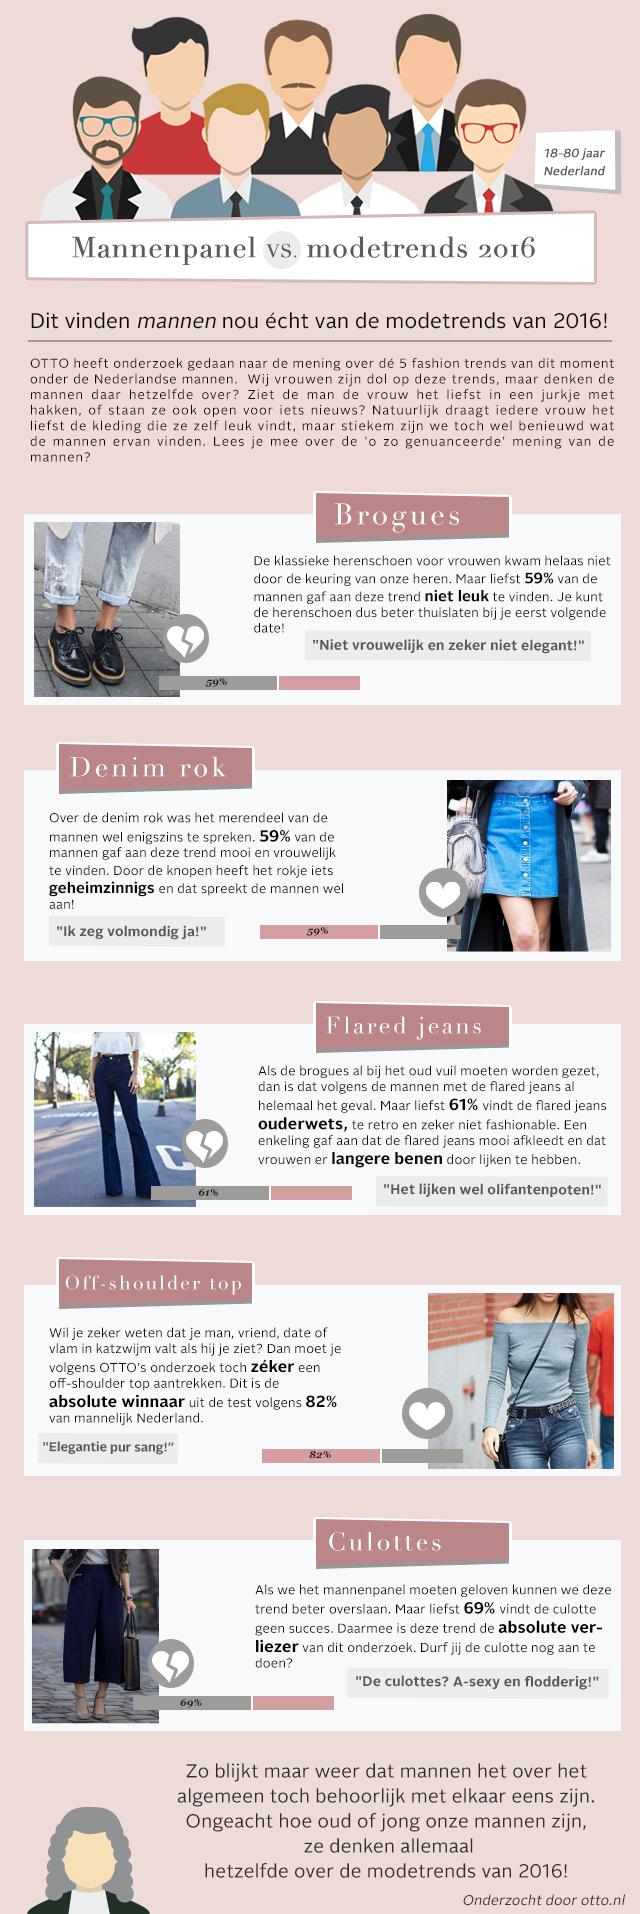 Mannenpanel modetrends